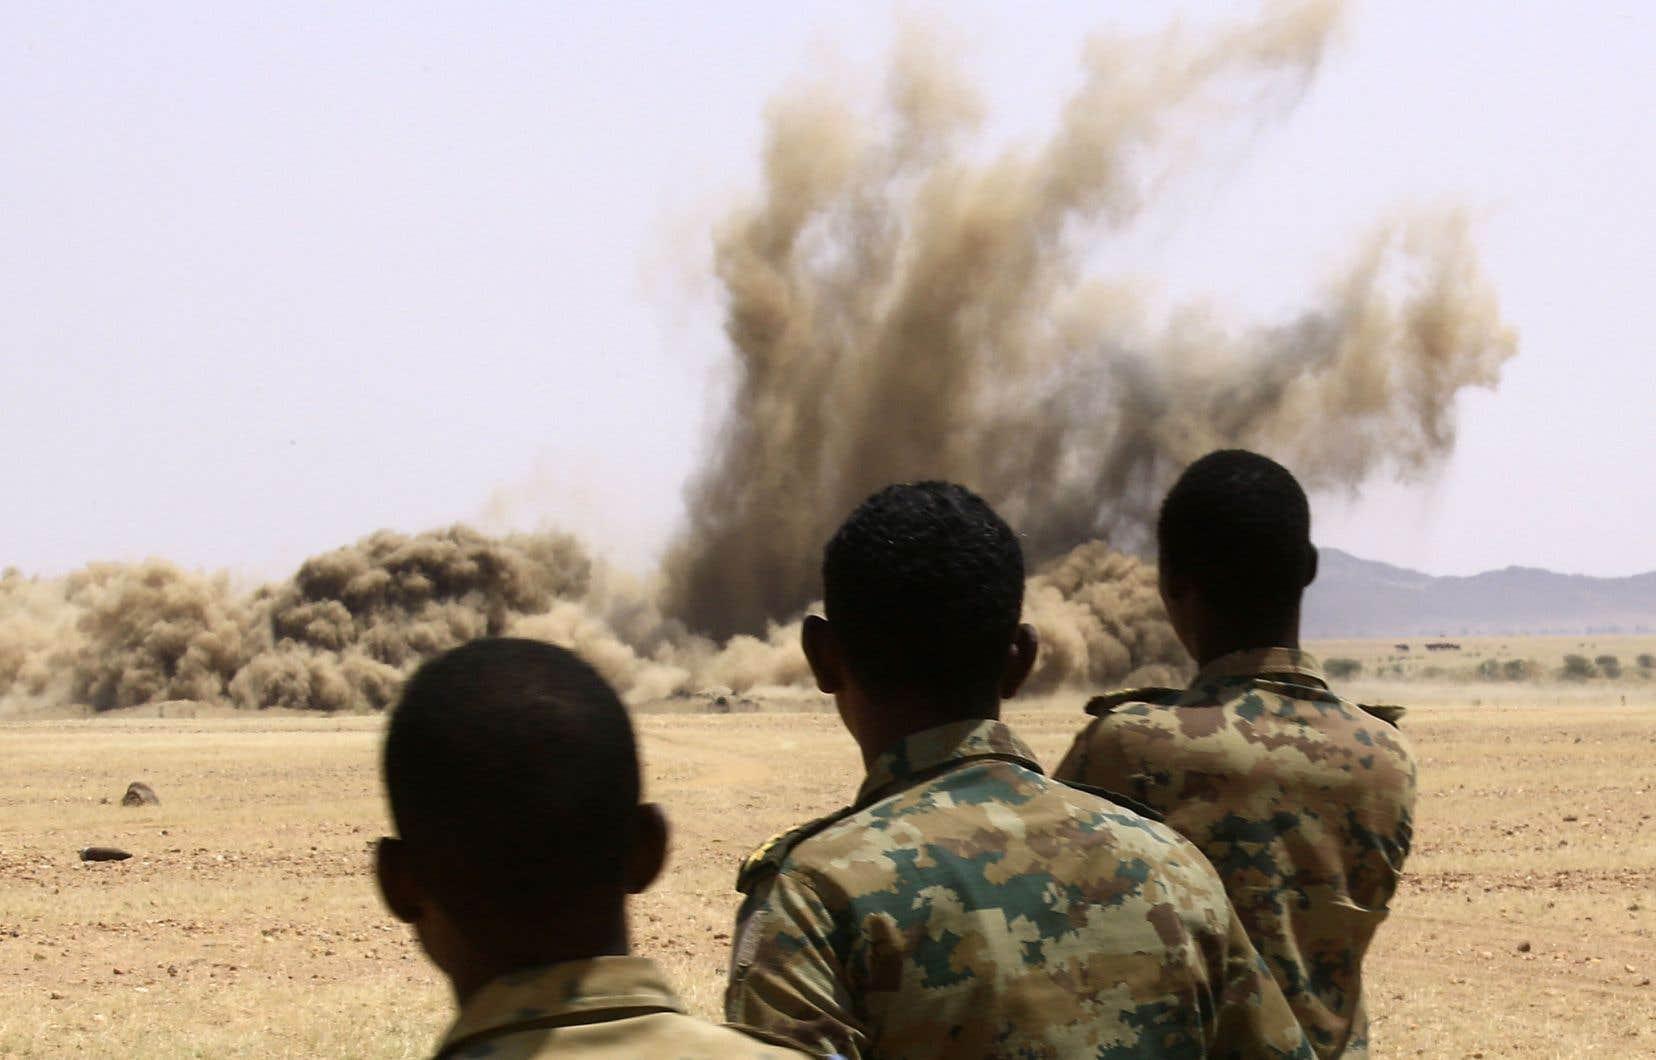 Quelques jours plus tôt, l'armée soudanaise a procédé à la destruction d'armes illégales rendues par les citoyens.